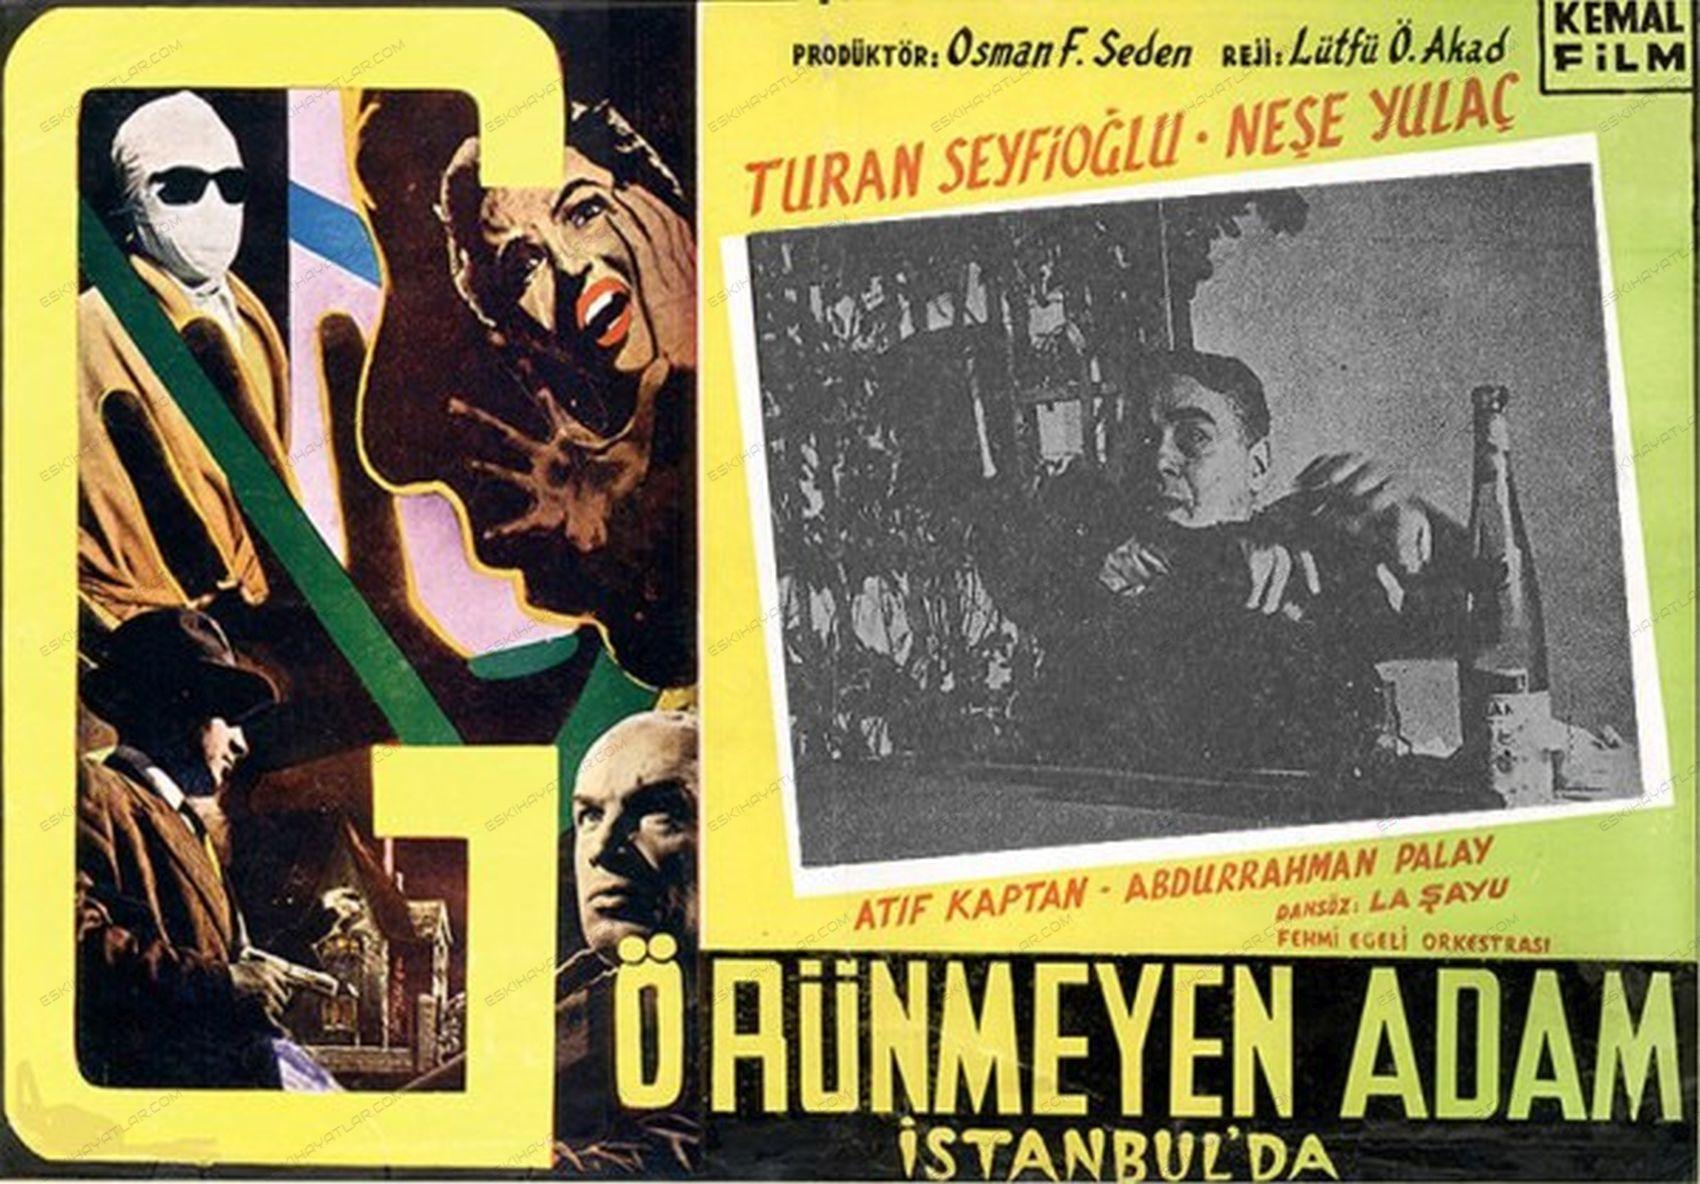 0327-gorunmeyen-adam-istanbulda-1955-atif-kaptan-nese-yulac-fantastik-turk-sinemasi-eski-film-afisleri (8)